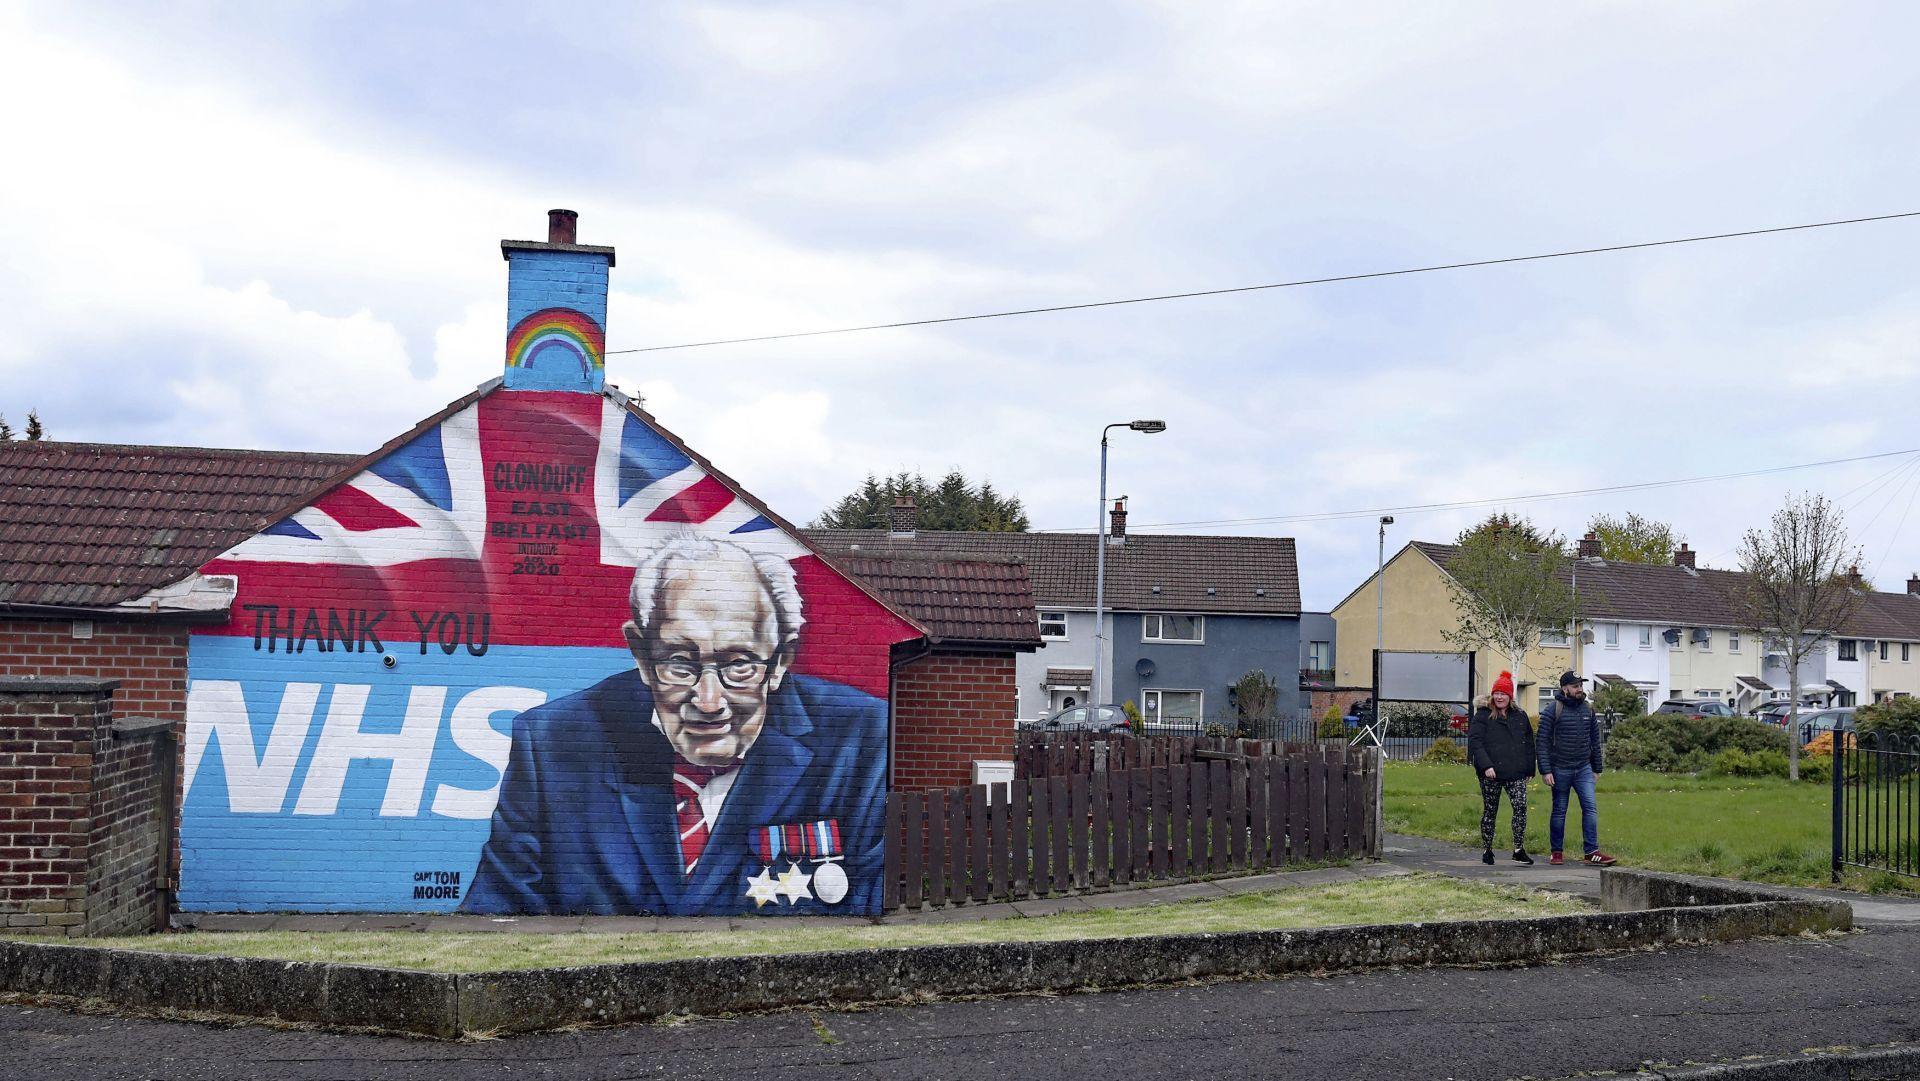 За благодарност ирландец изрисува стената на къщата си в Белфаст с лика на Том Кук